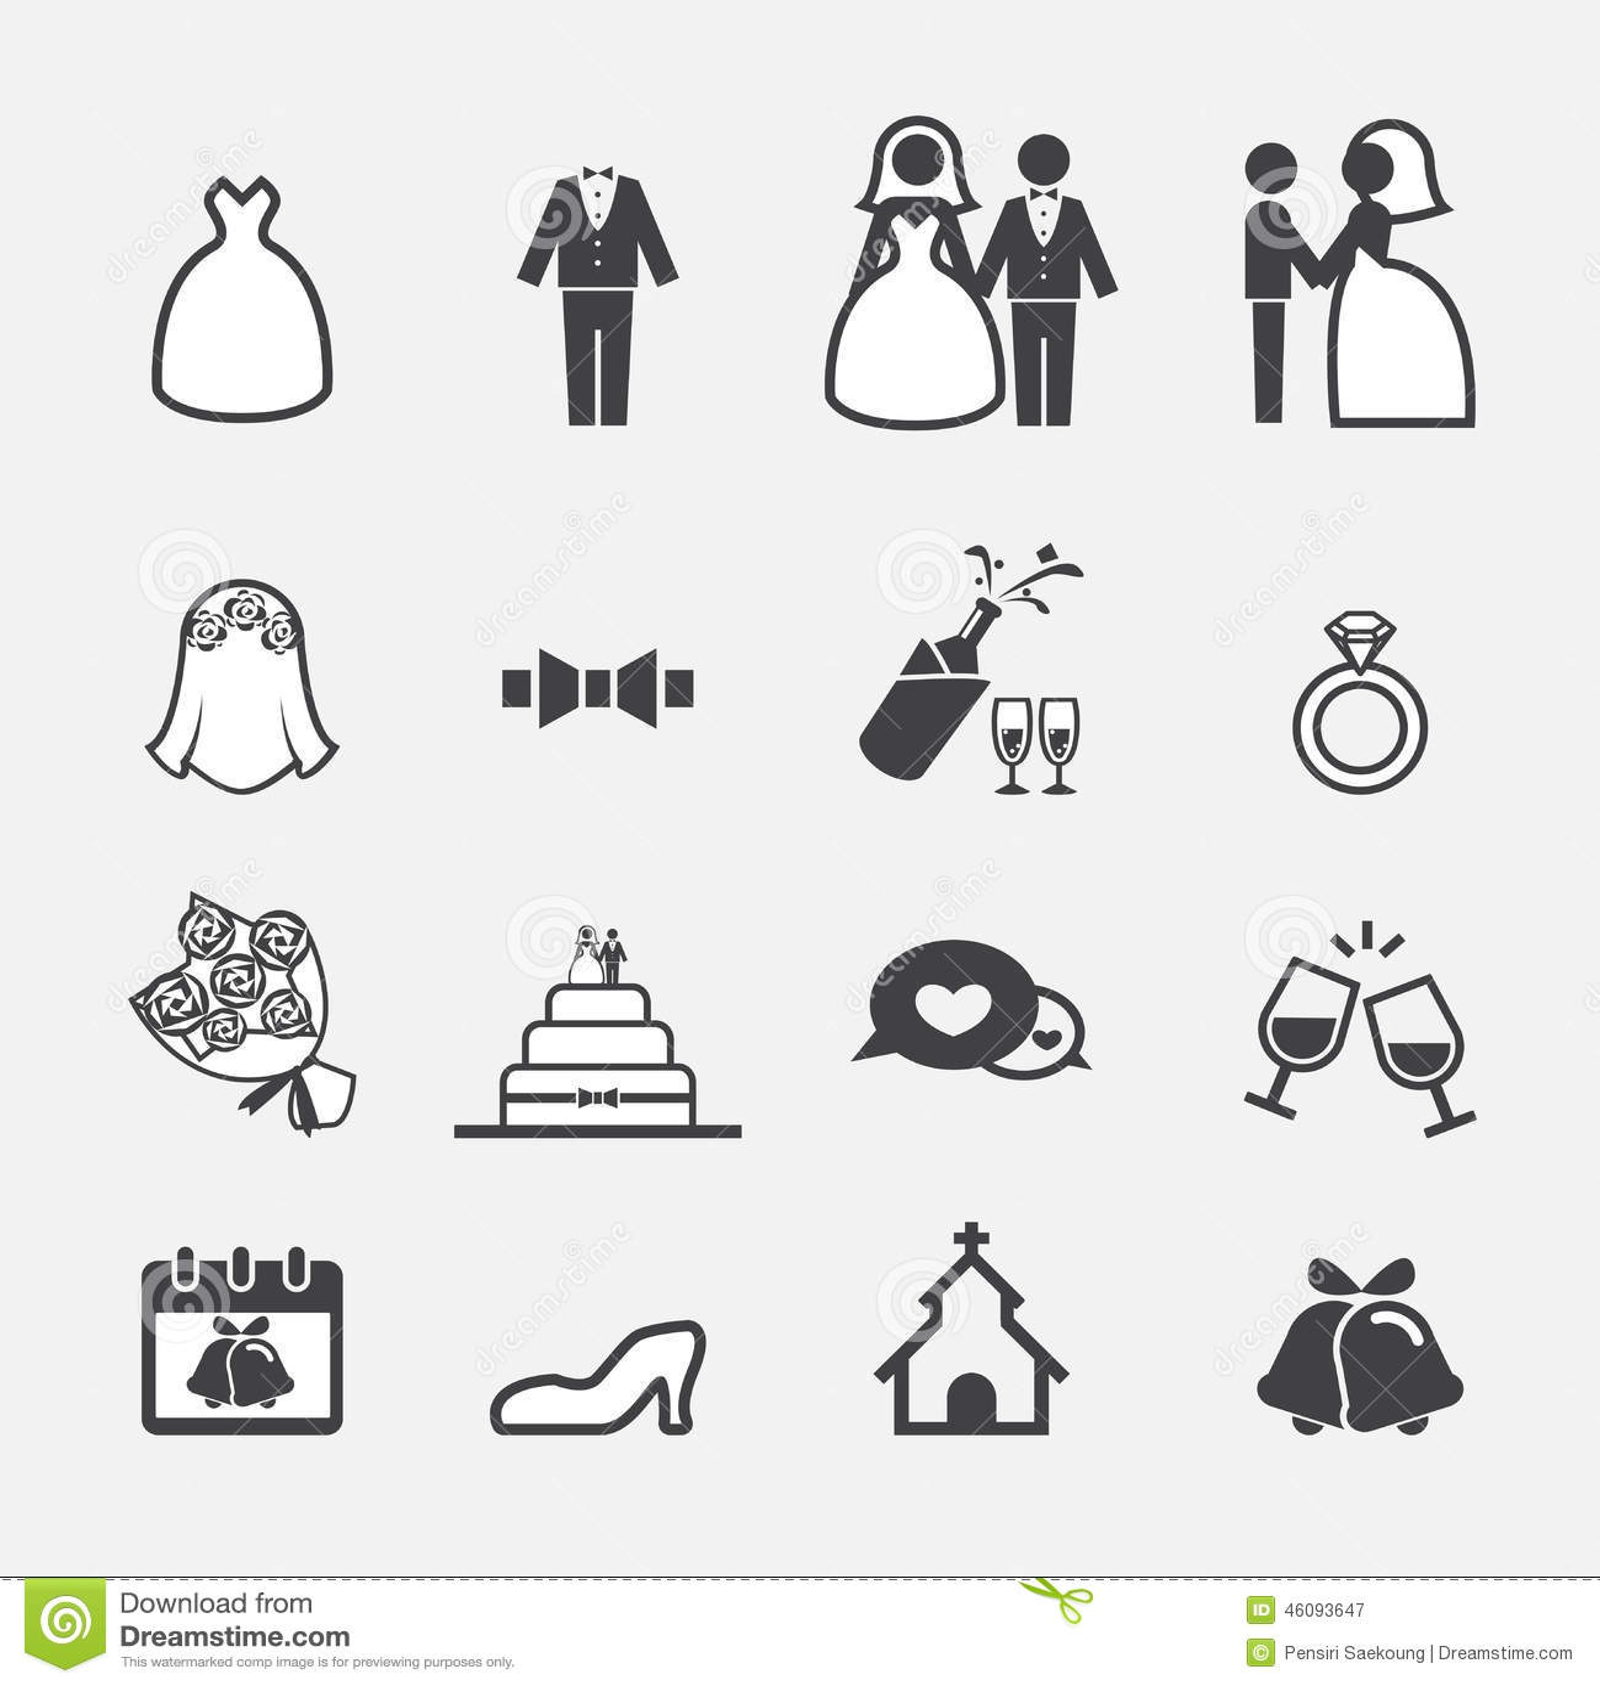 Wedding ring illustration